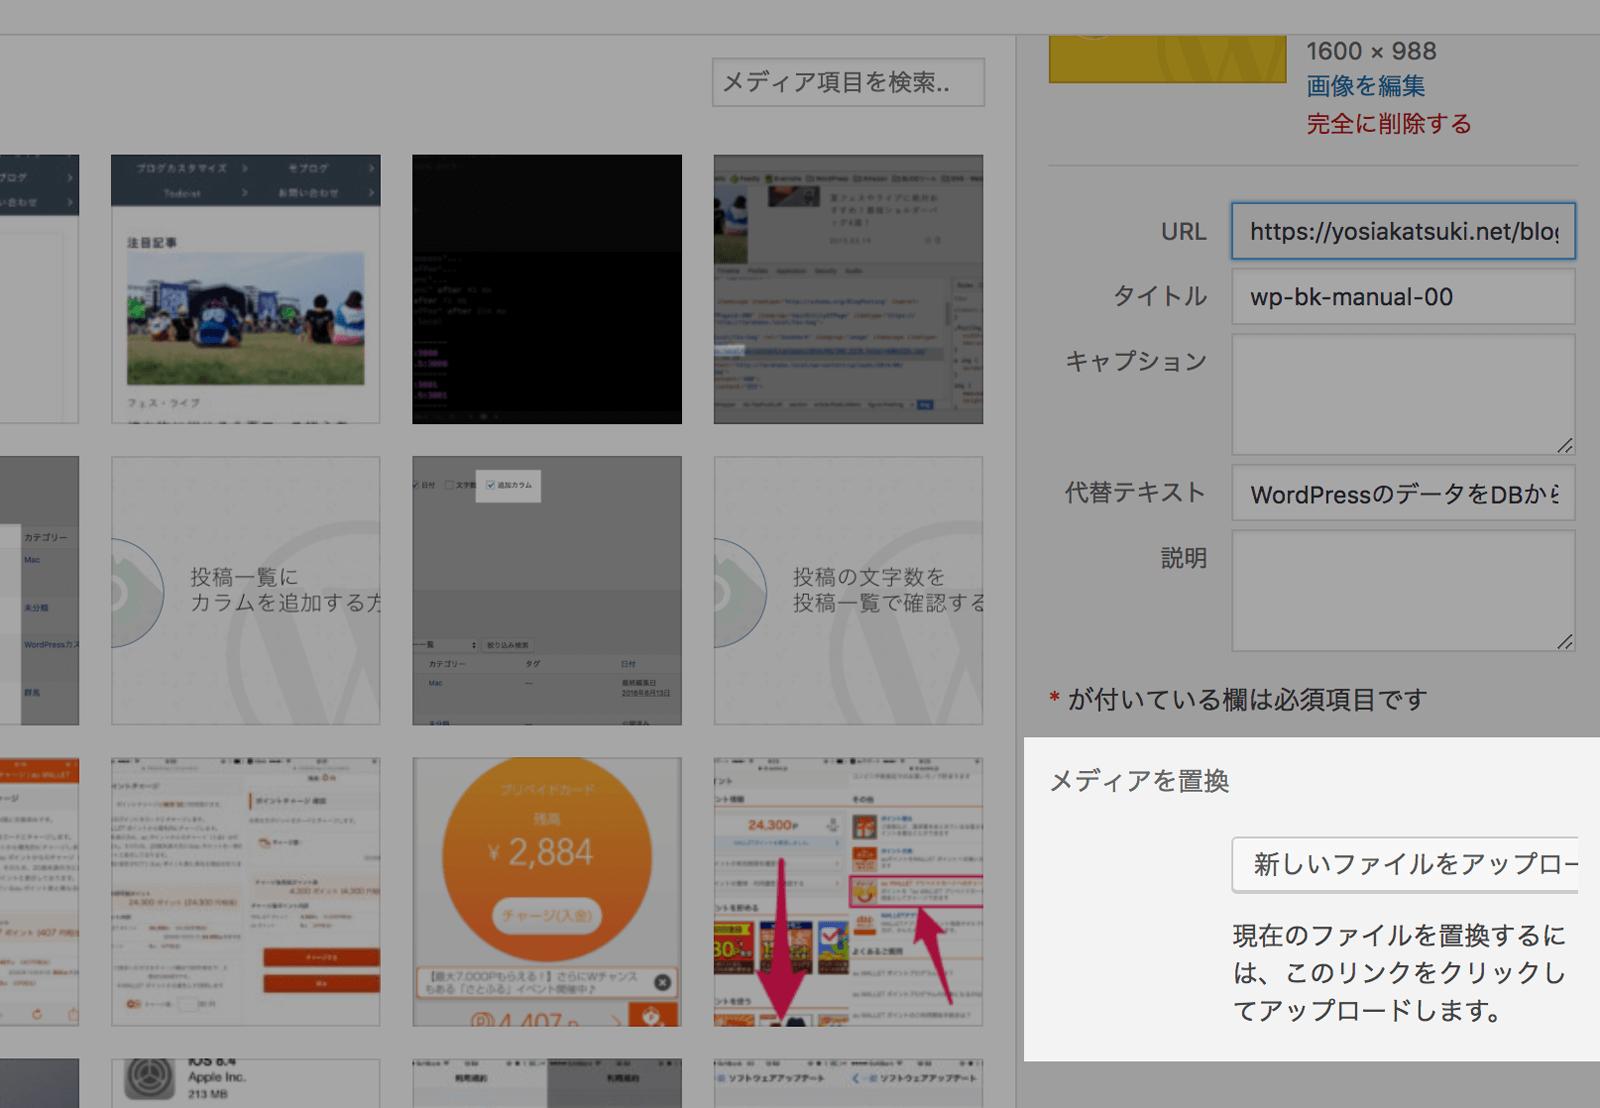 メディアの編集画面に新しいファイルのアップロードボタンが表示される